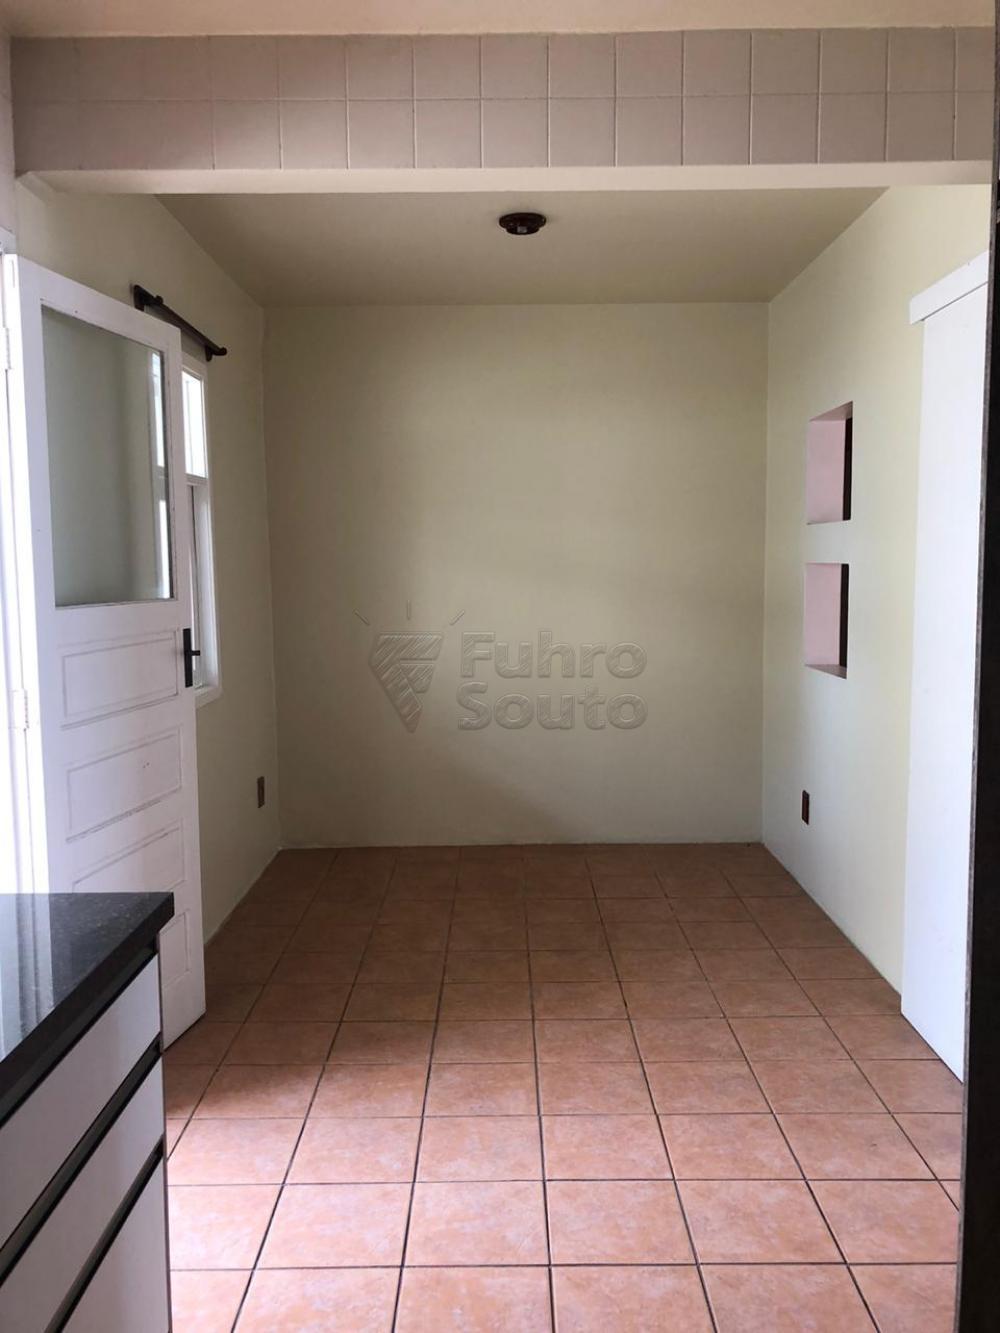 Comprar Apartamento / Padrão em Pelotas R$ 280.000,00 - Foto 11